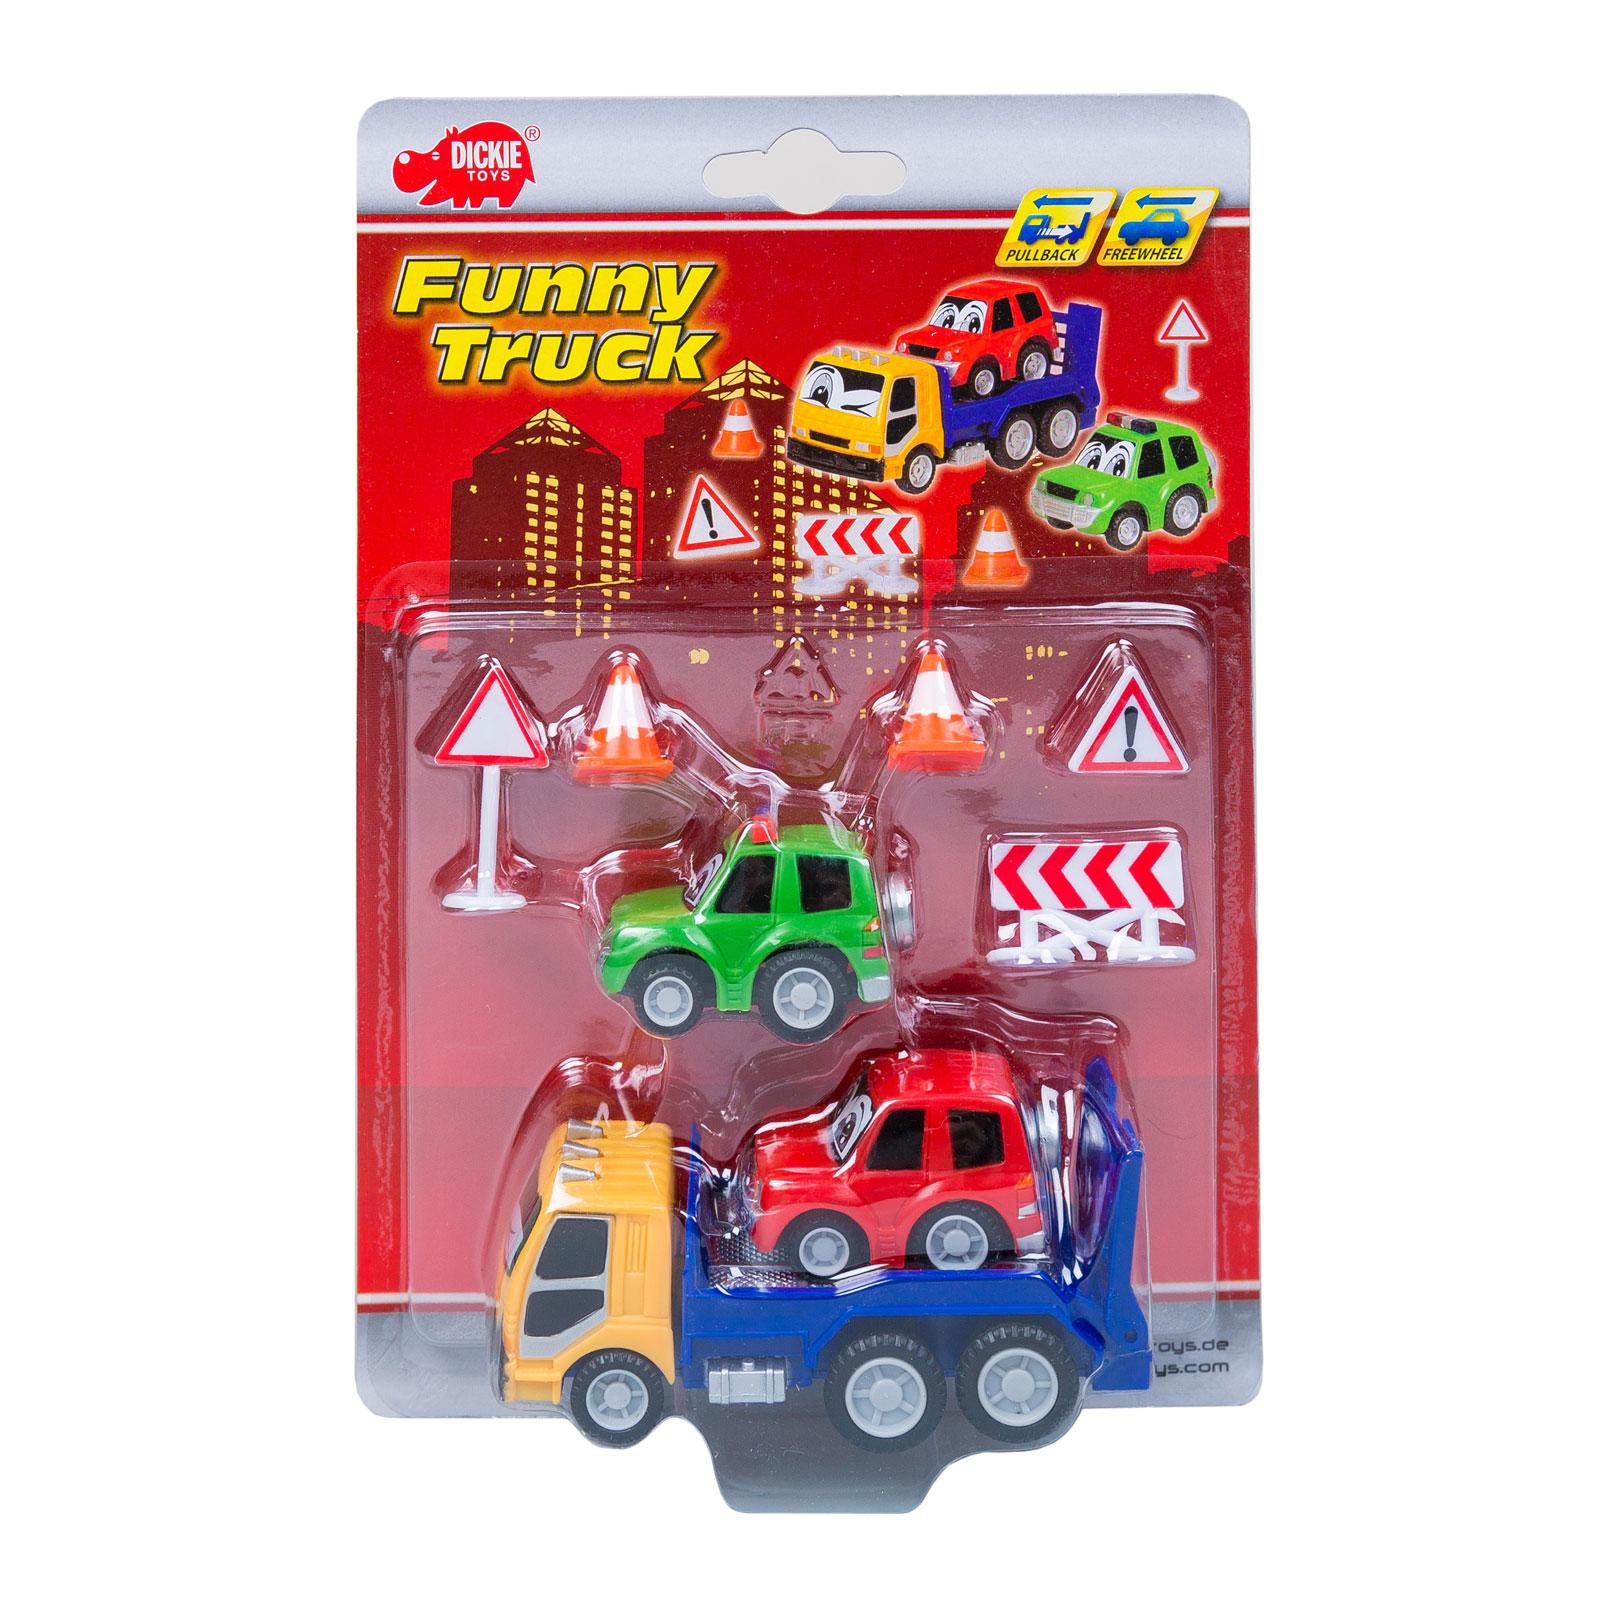 ����������� ������� Dickie Toys ����� ������� � 3 ���. (+ ����� ��������� ��������)